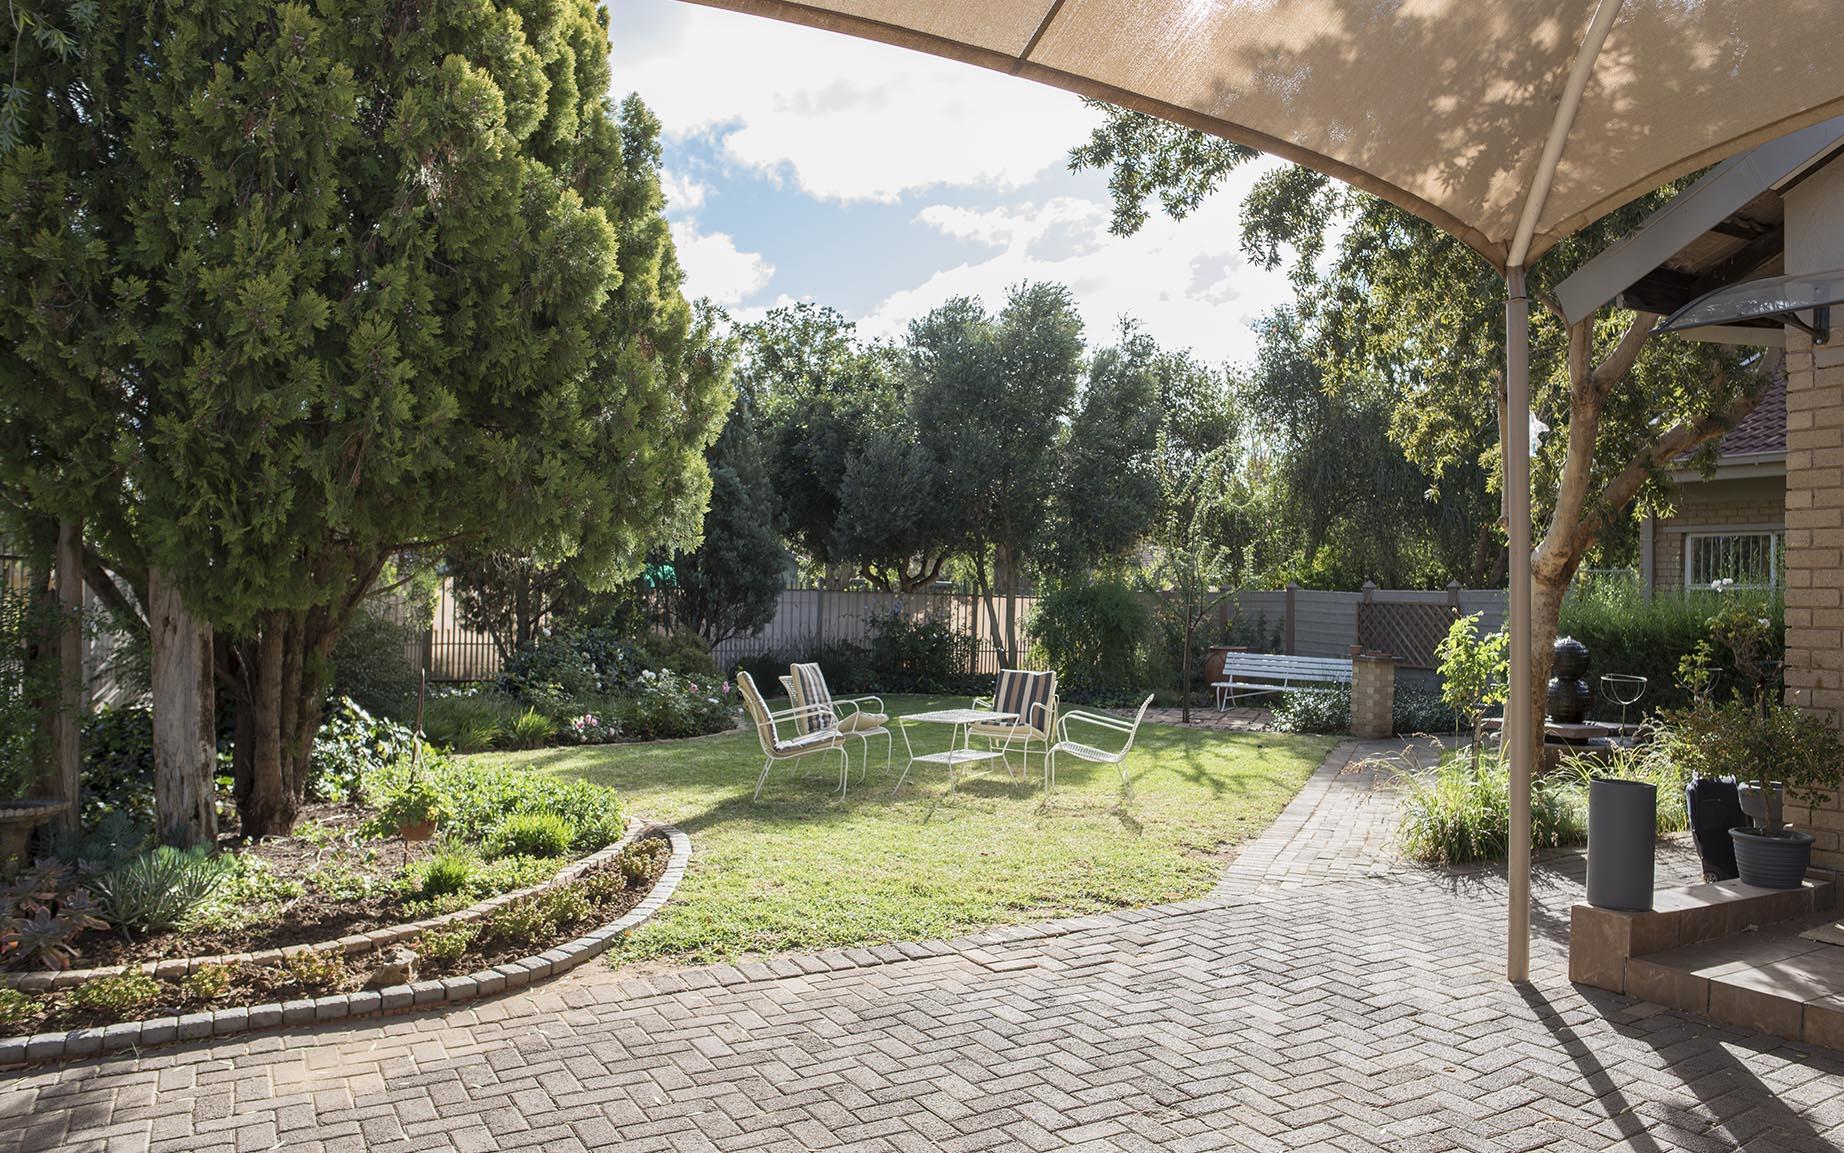 Duinerus Bloemfontein Self-catering accommodation